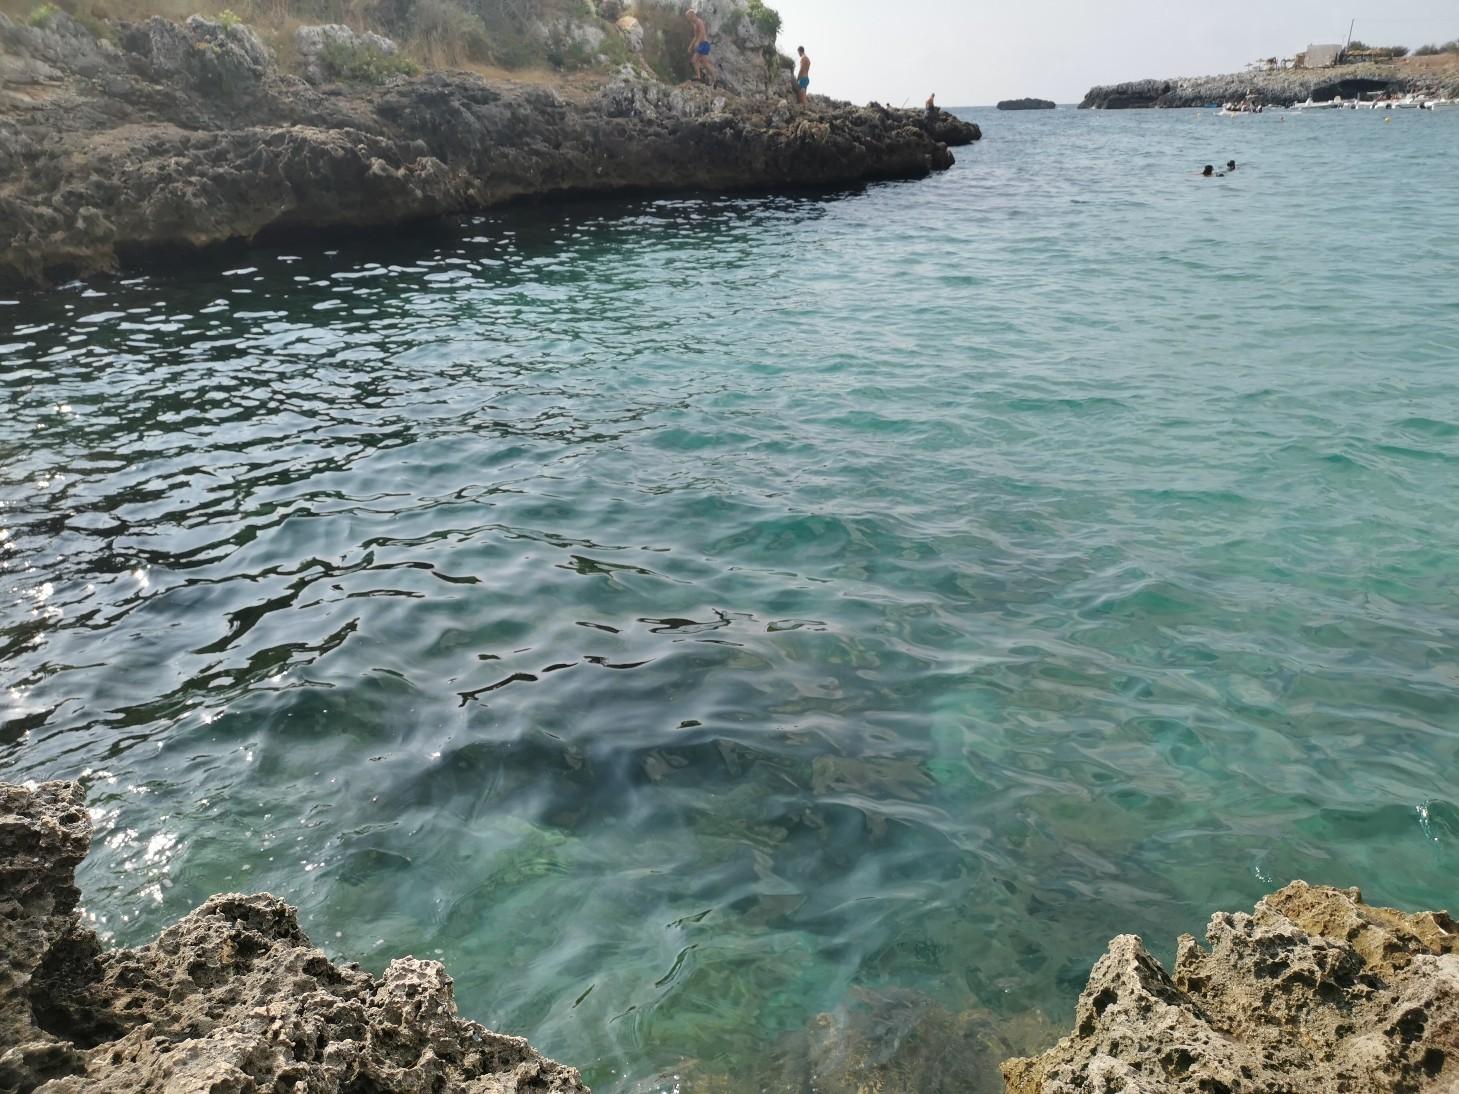 エメラルドグリーンの入り江と丘の上の塔~プーリア滞在記_f0106597_03414946.jpg